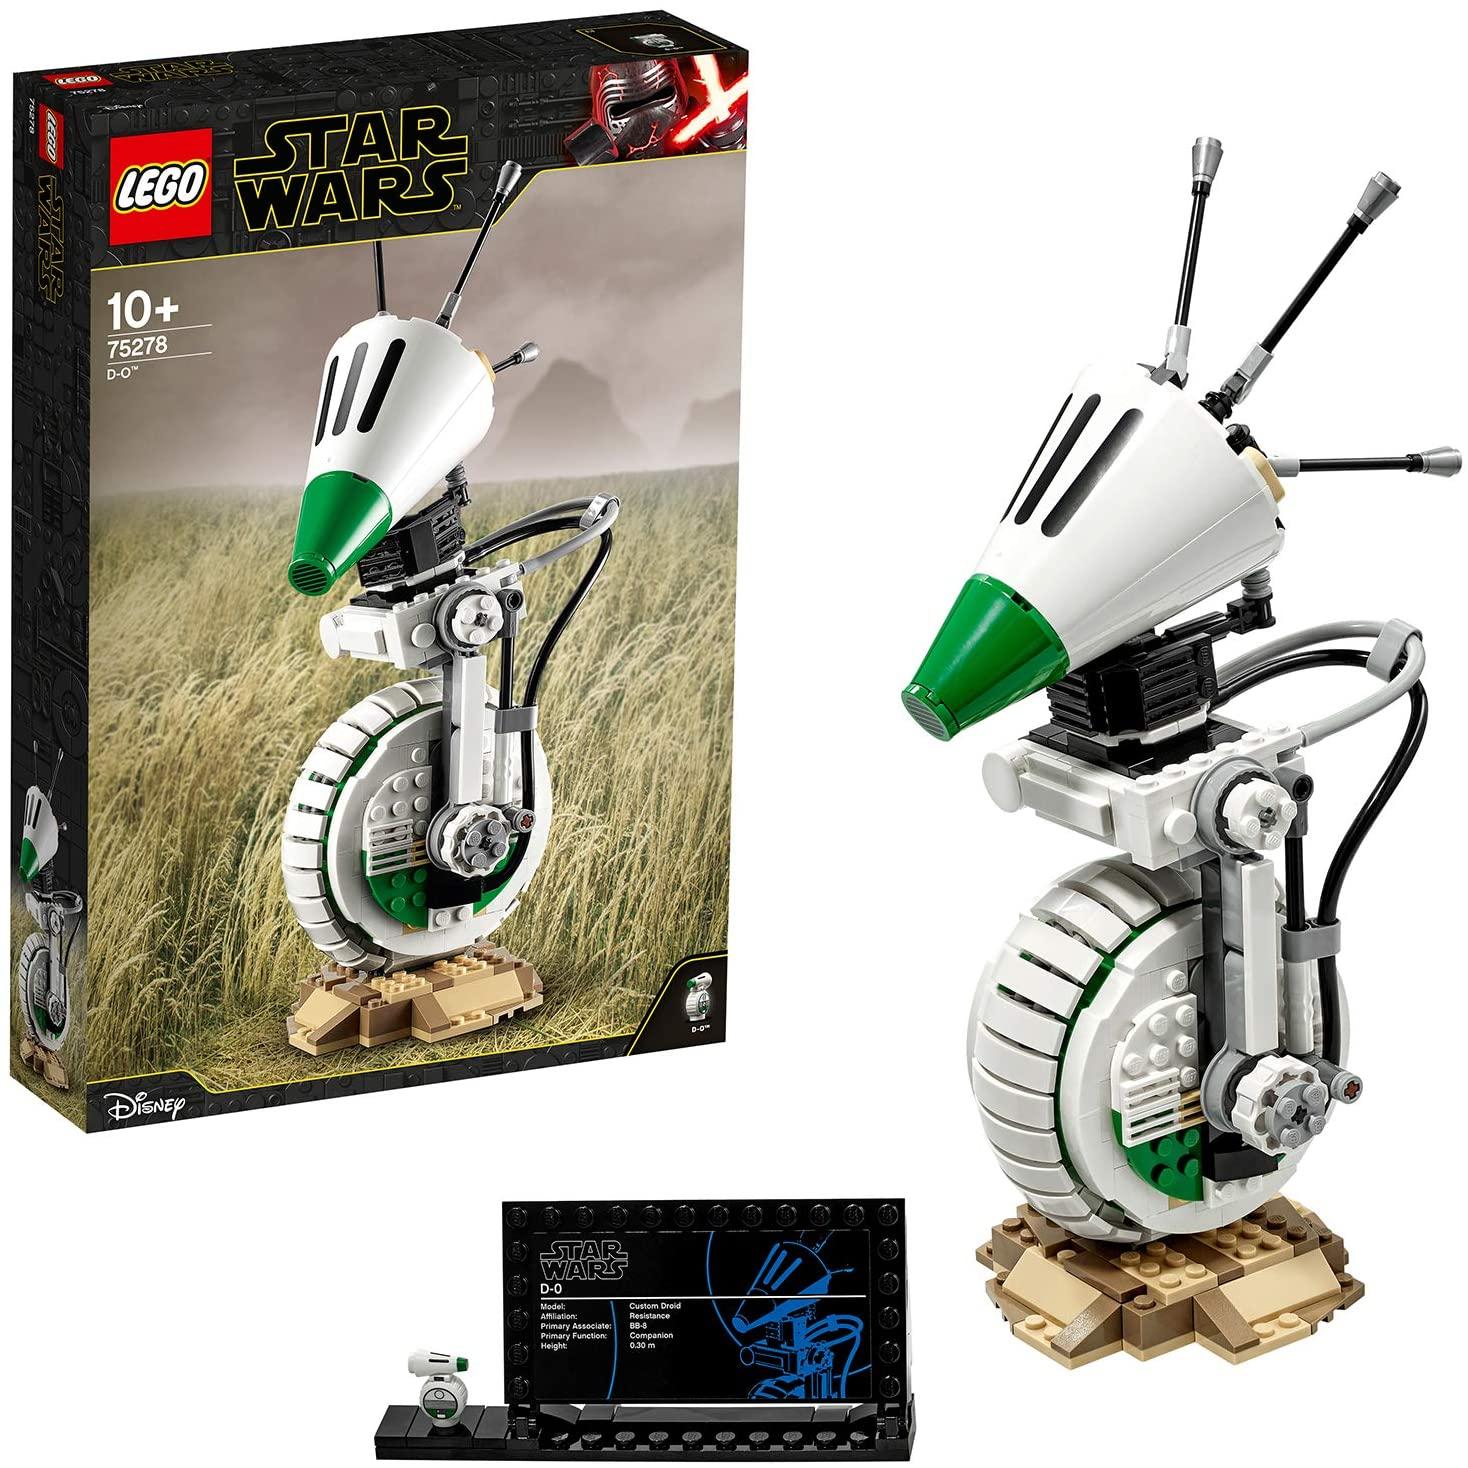 LEGO® Star Wars™ D-O™ 75278 bouwset